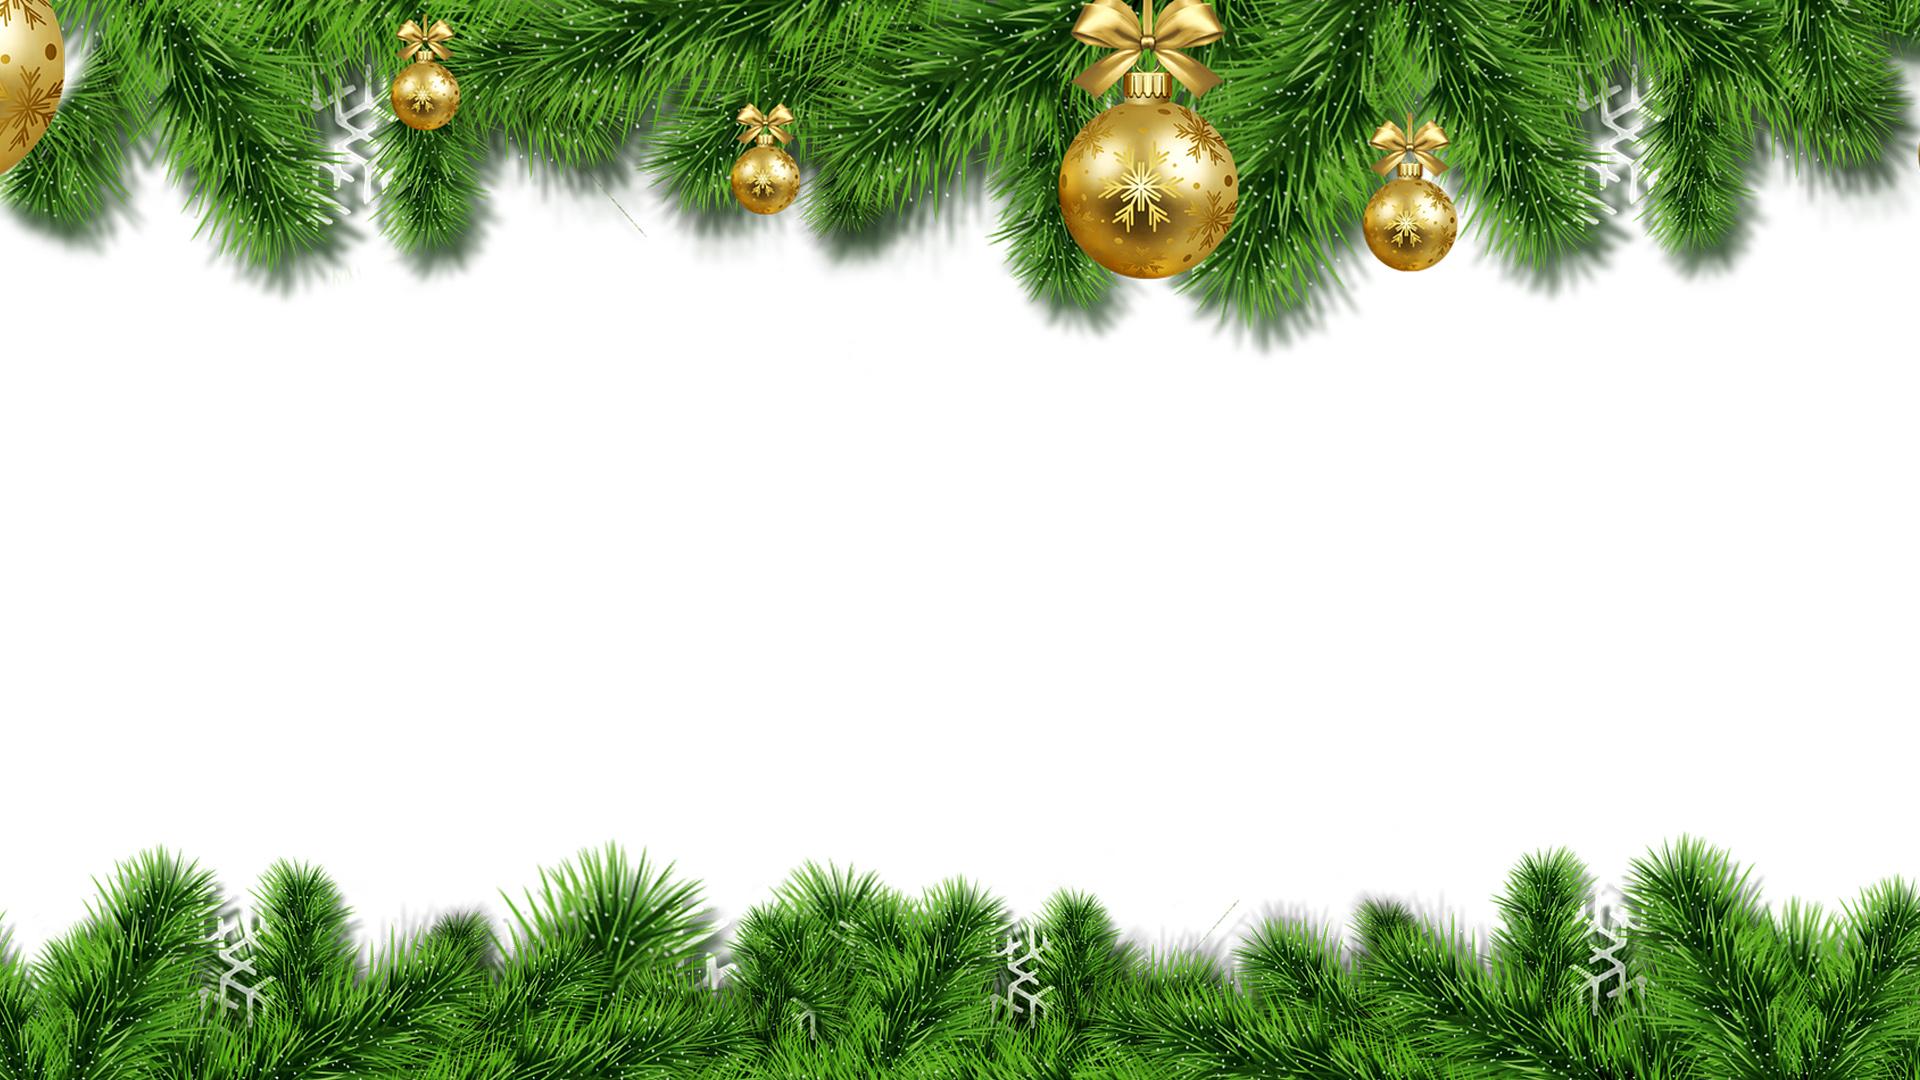 Spiele Zur Weihnachtsfeier.Weihnachtsfeier Spiele Gluhweinstand Mieten Fur Die